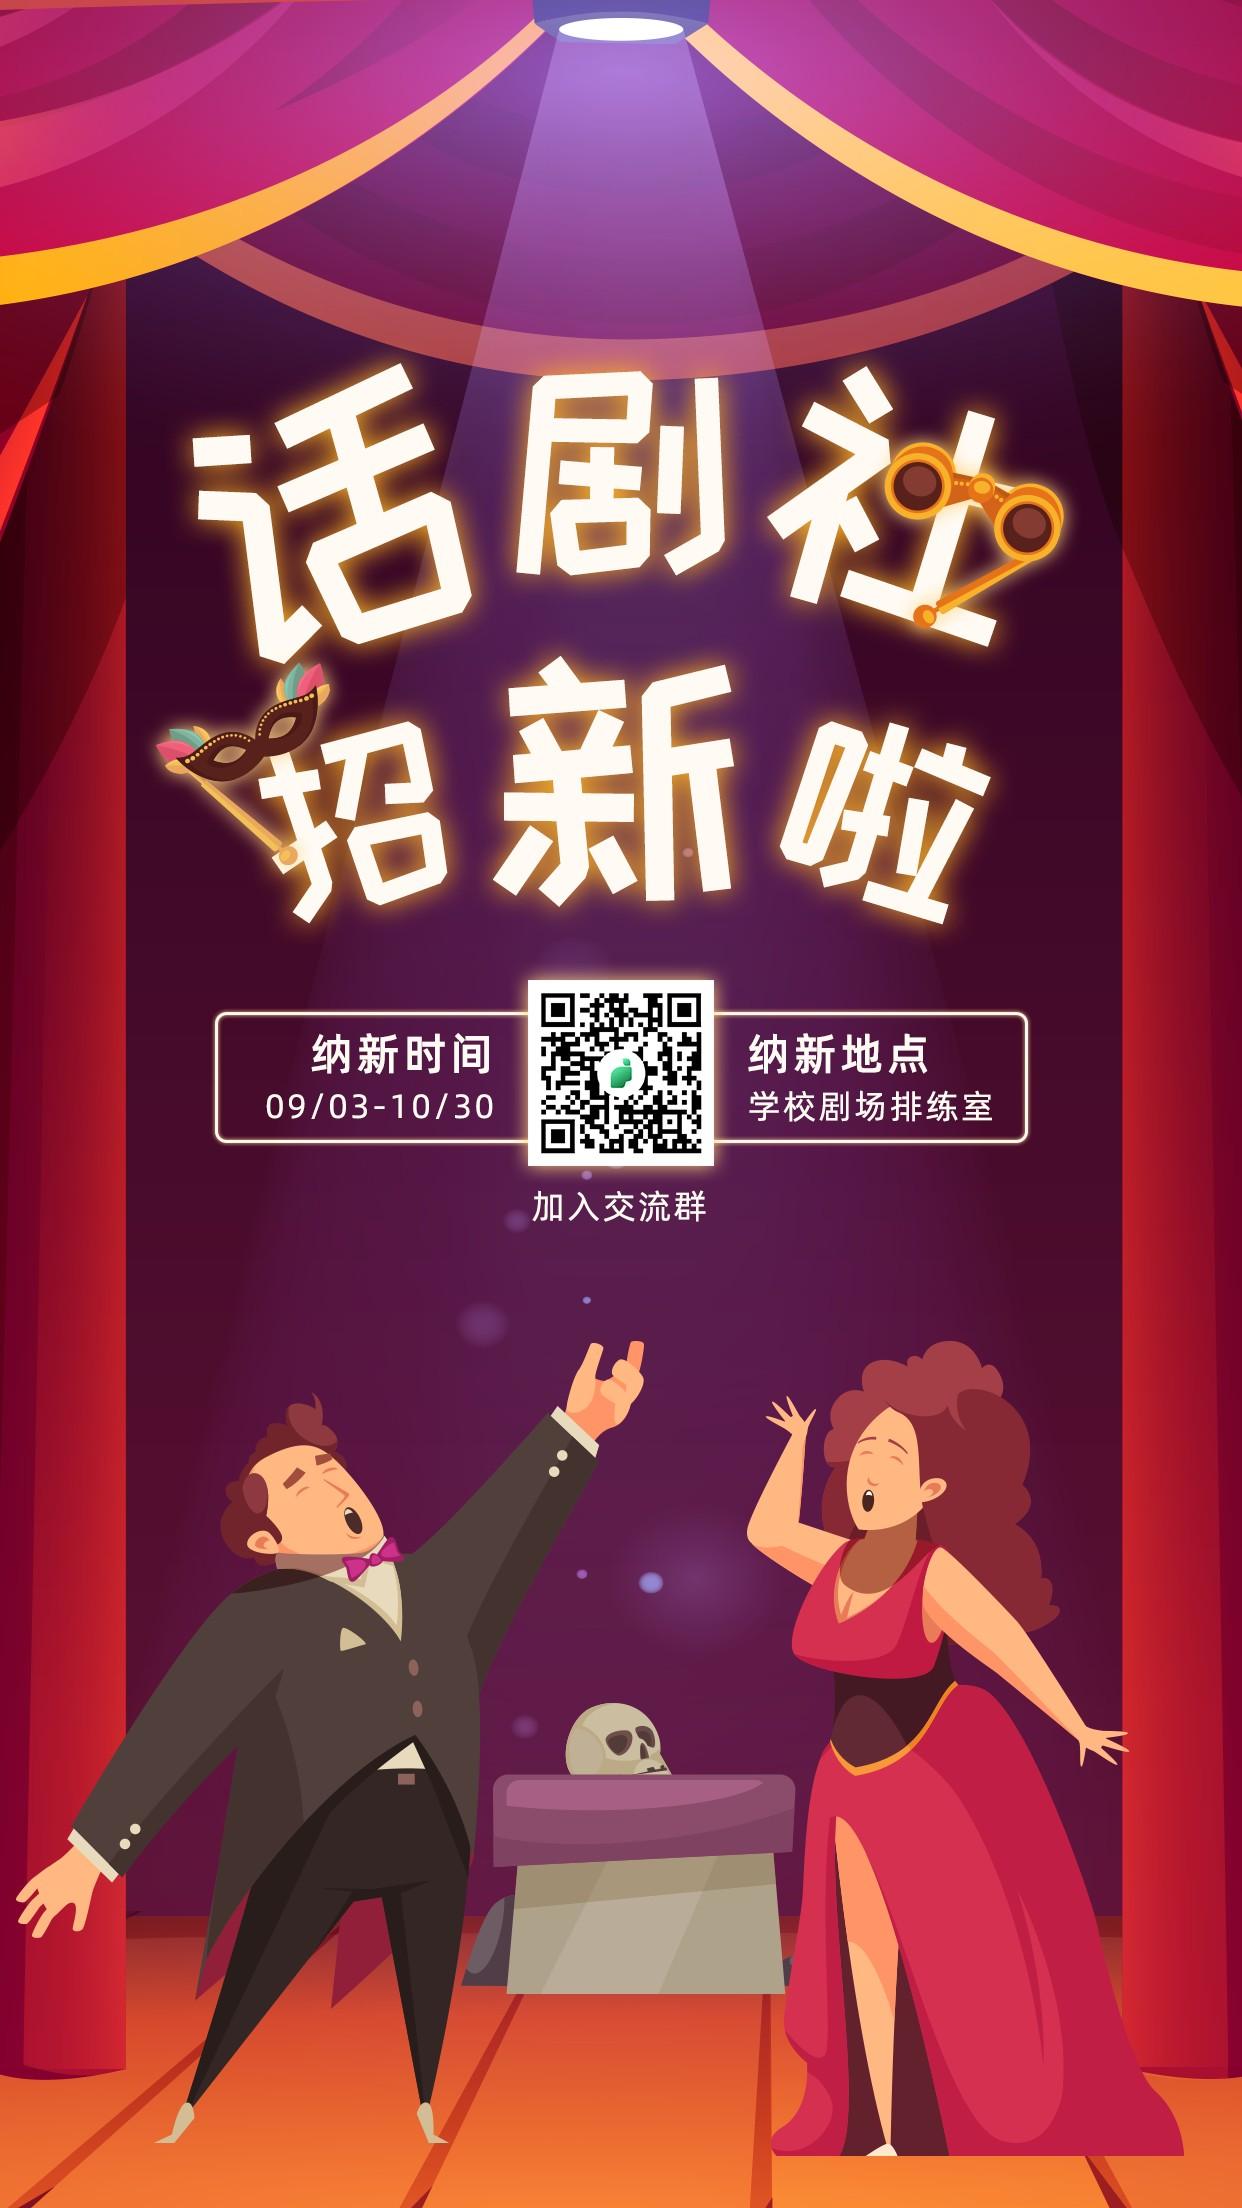 卡通社团招新手机海报